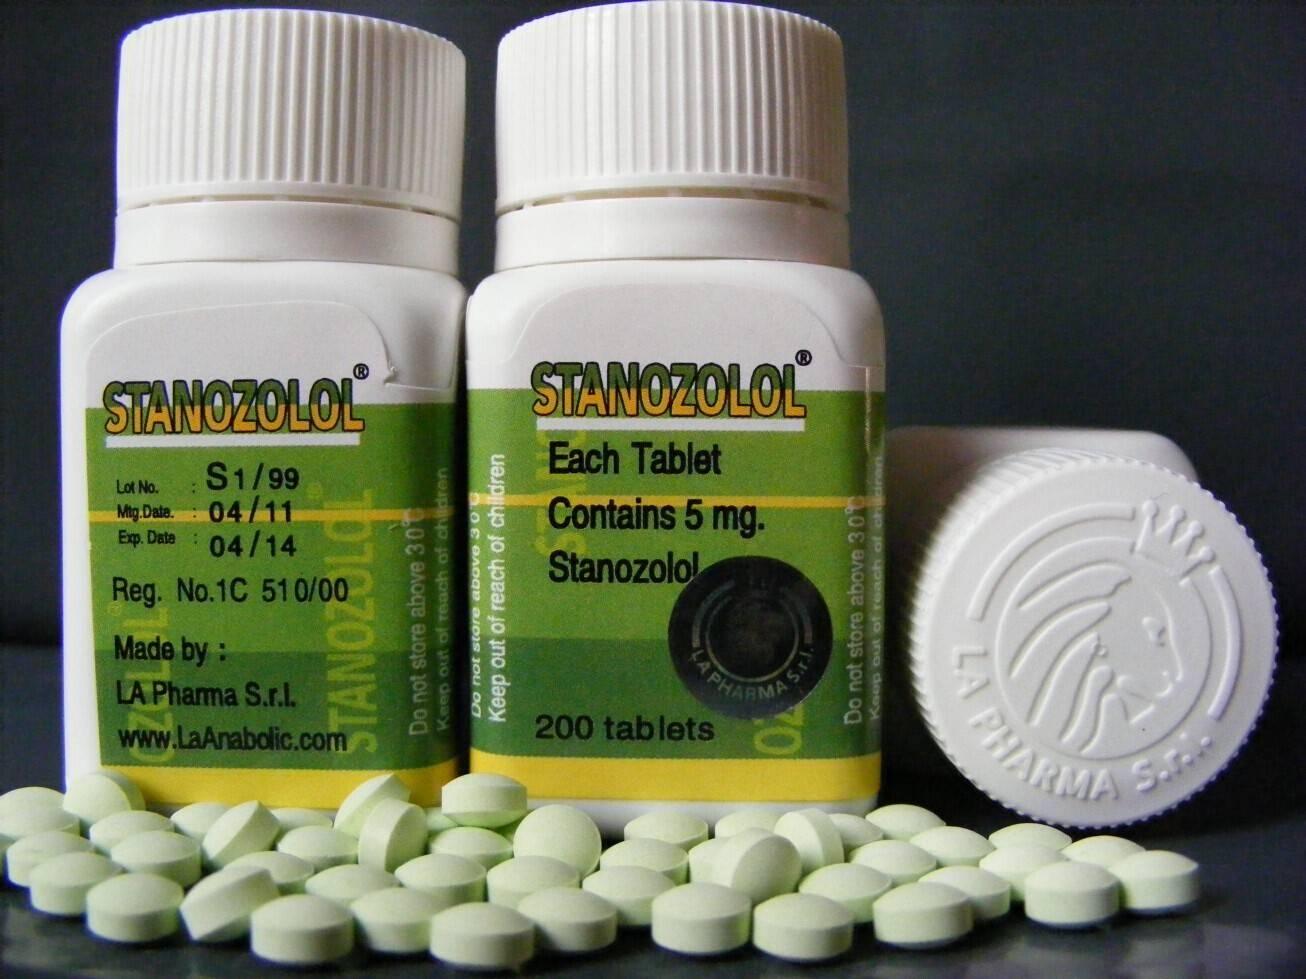 قرص استانوزولول (هورمون بدنسازی) چیست؟ + عوارض مصرف